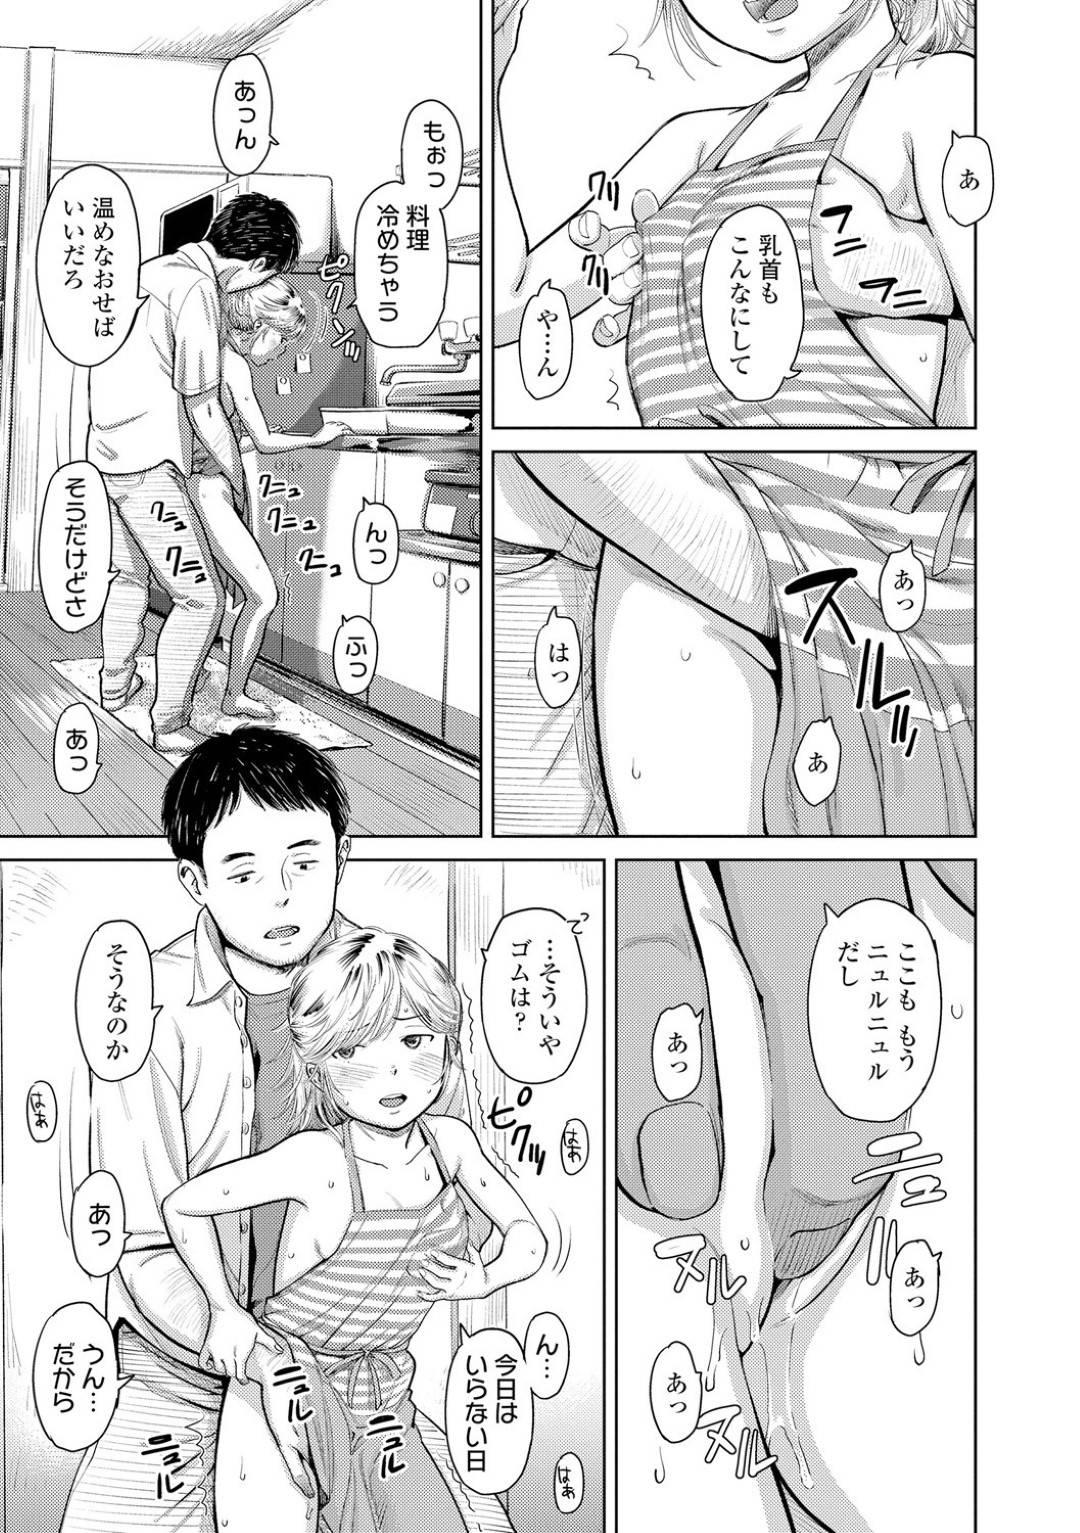 【エロ漫画】裸エプロン姿を彼氏に欲情され、キッチンで生挿入セックスする小柄な彼女…されるがままとなった彼女は立ちバックでガン突きファックされて中出しと同時にアクメ絶頂する!【鬼束直:ウェルカムホーム】